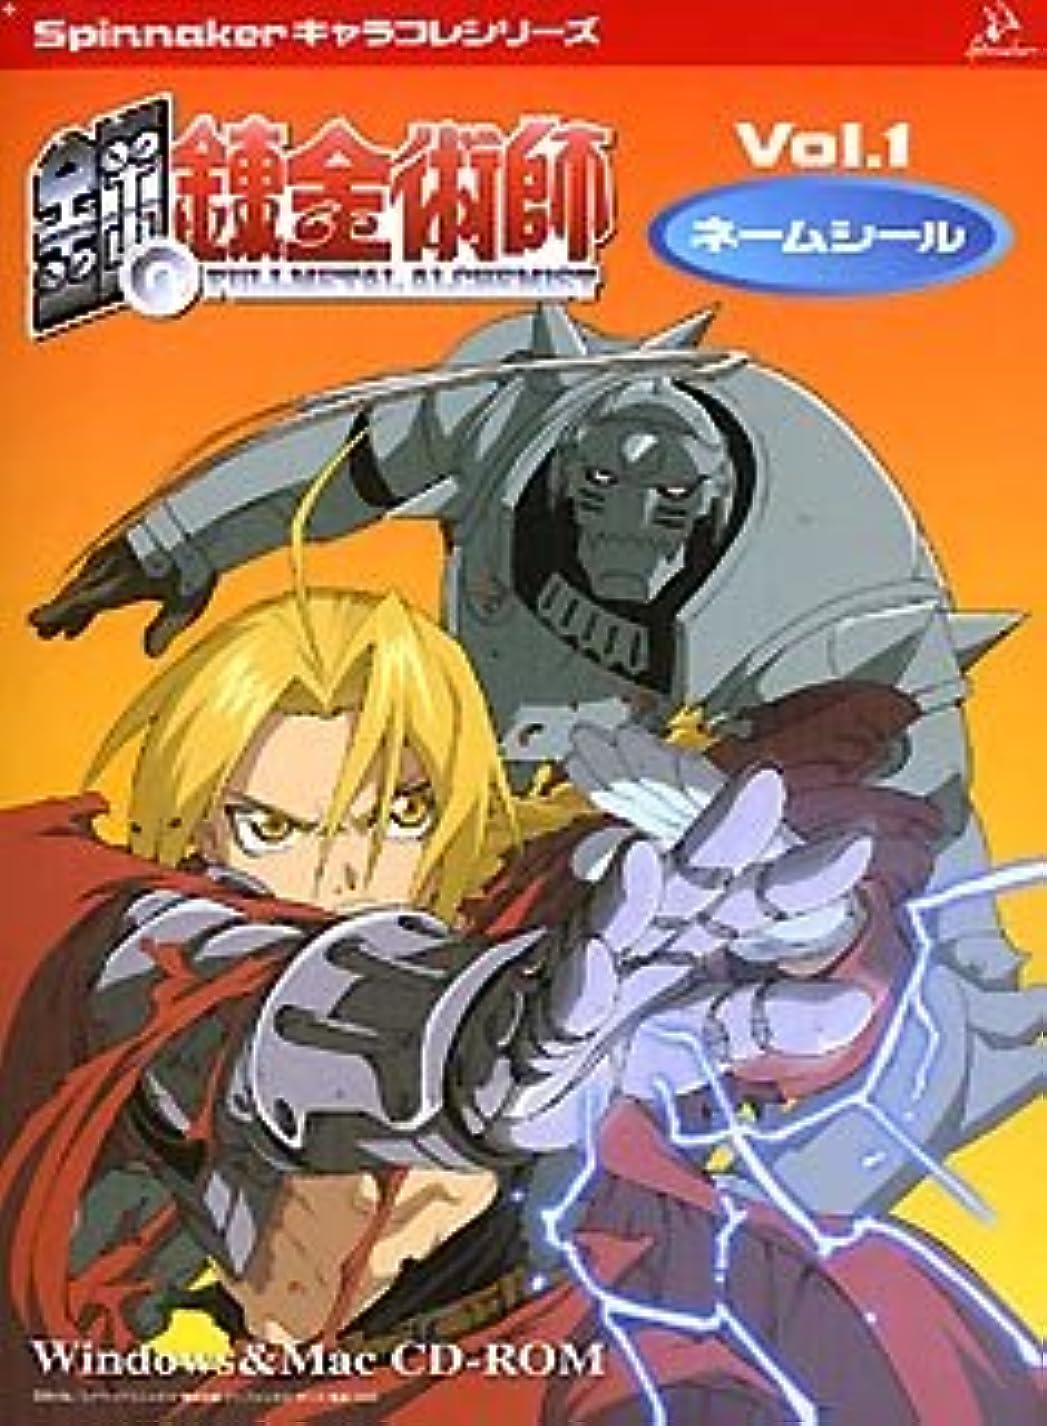 余韻ホット贅沢なSpinnaker キャラコレシリーズ 鋼の錬金術師 vol.1 ネームシール for Hybrid